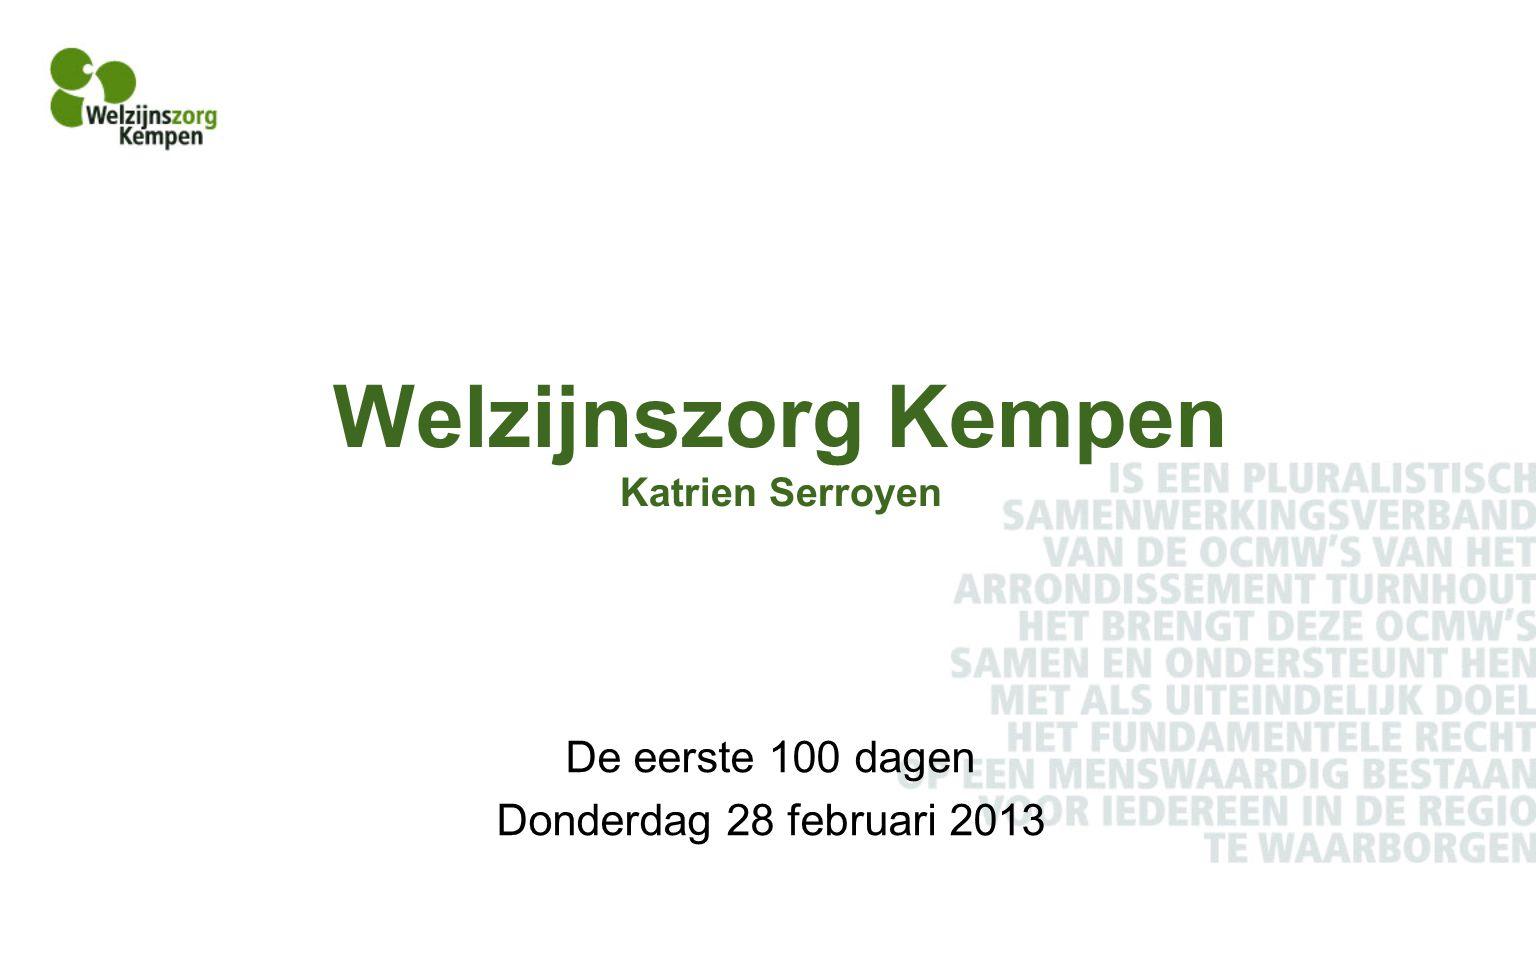 Welzijnszorg Kempen Katrien Serroyen De eerste 100 dagen Donderdag 28 februari 2013